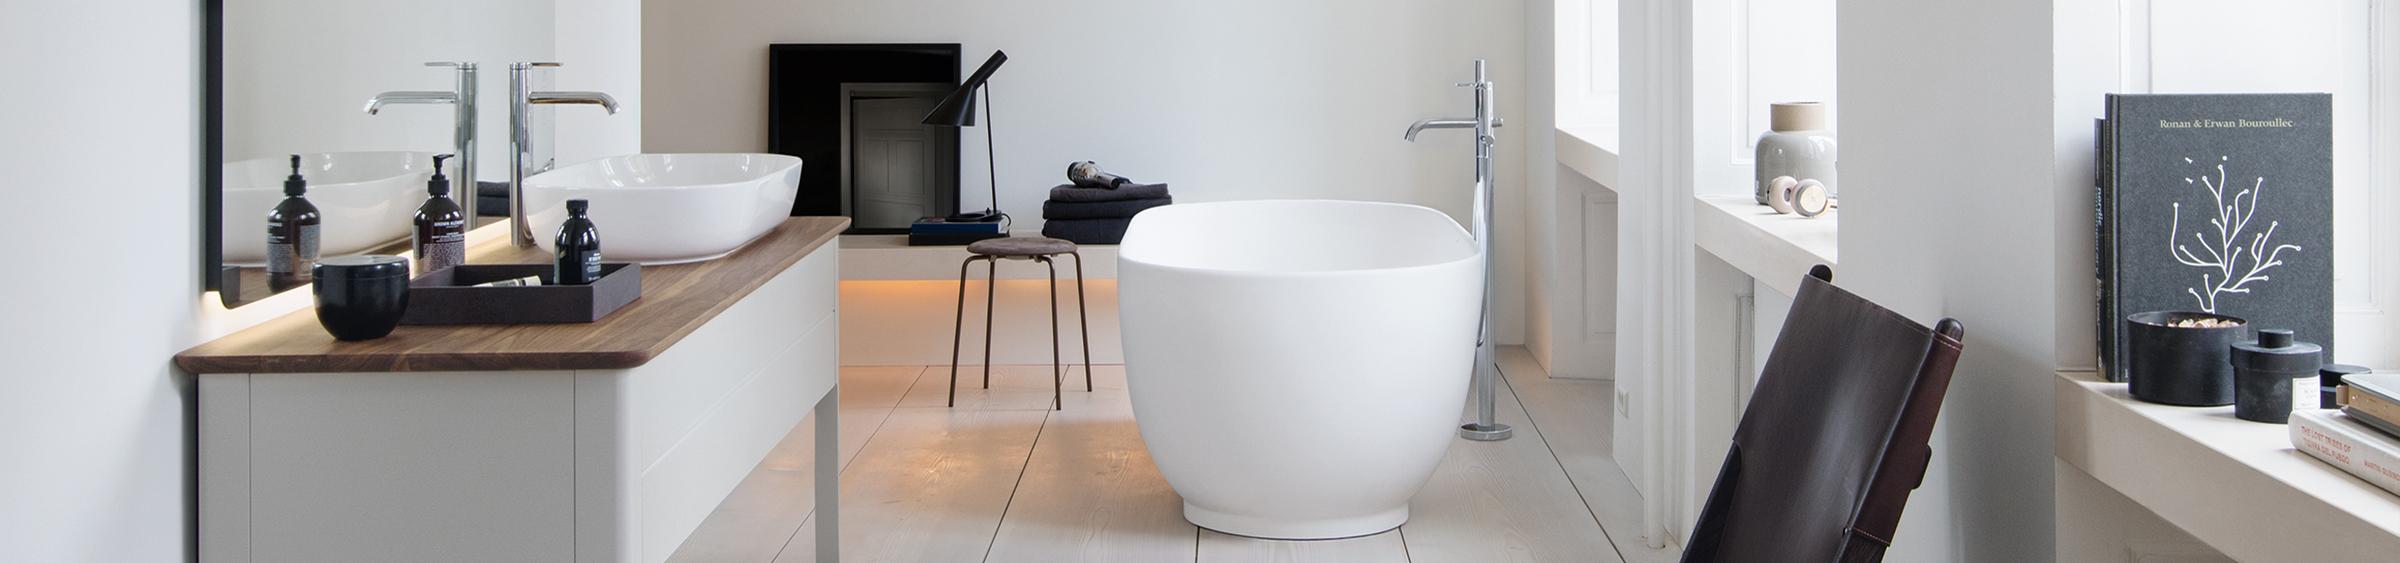 9 tips voor meer hygiëne in de badkamer - 9 tips voor meer hygiëne in de badkamer